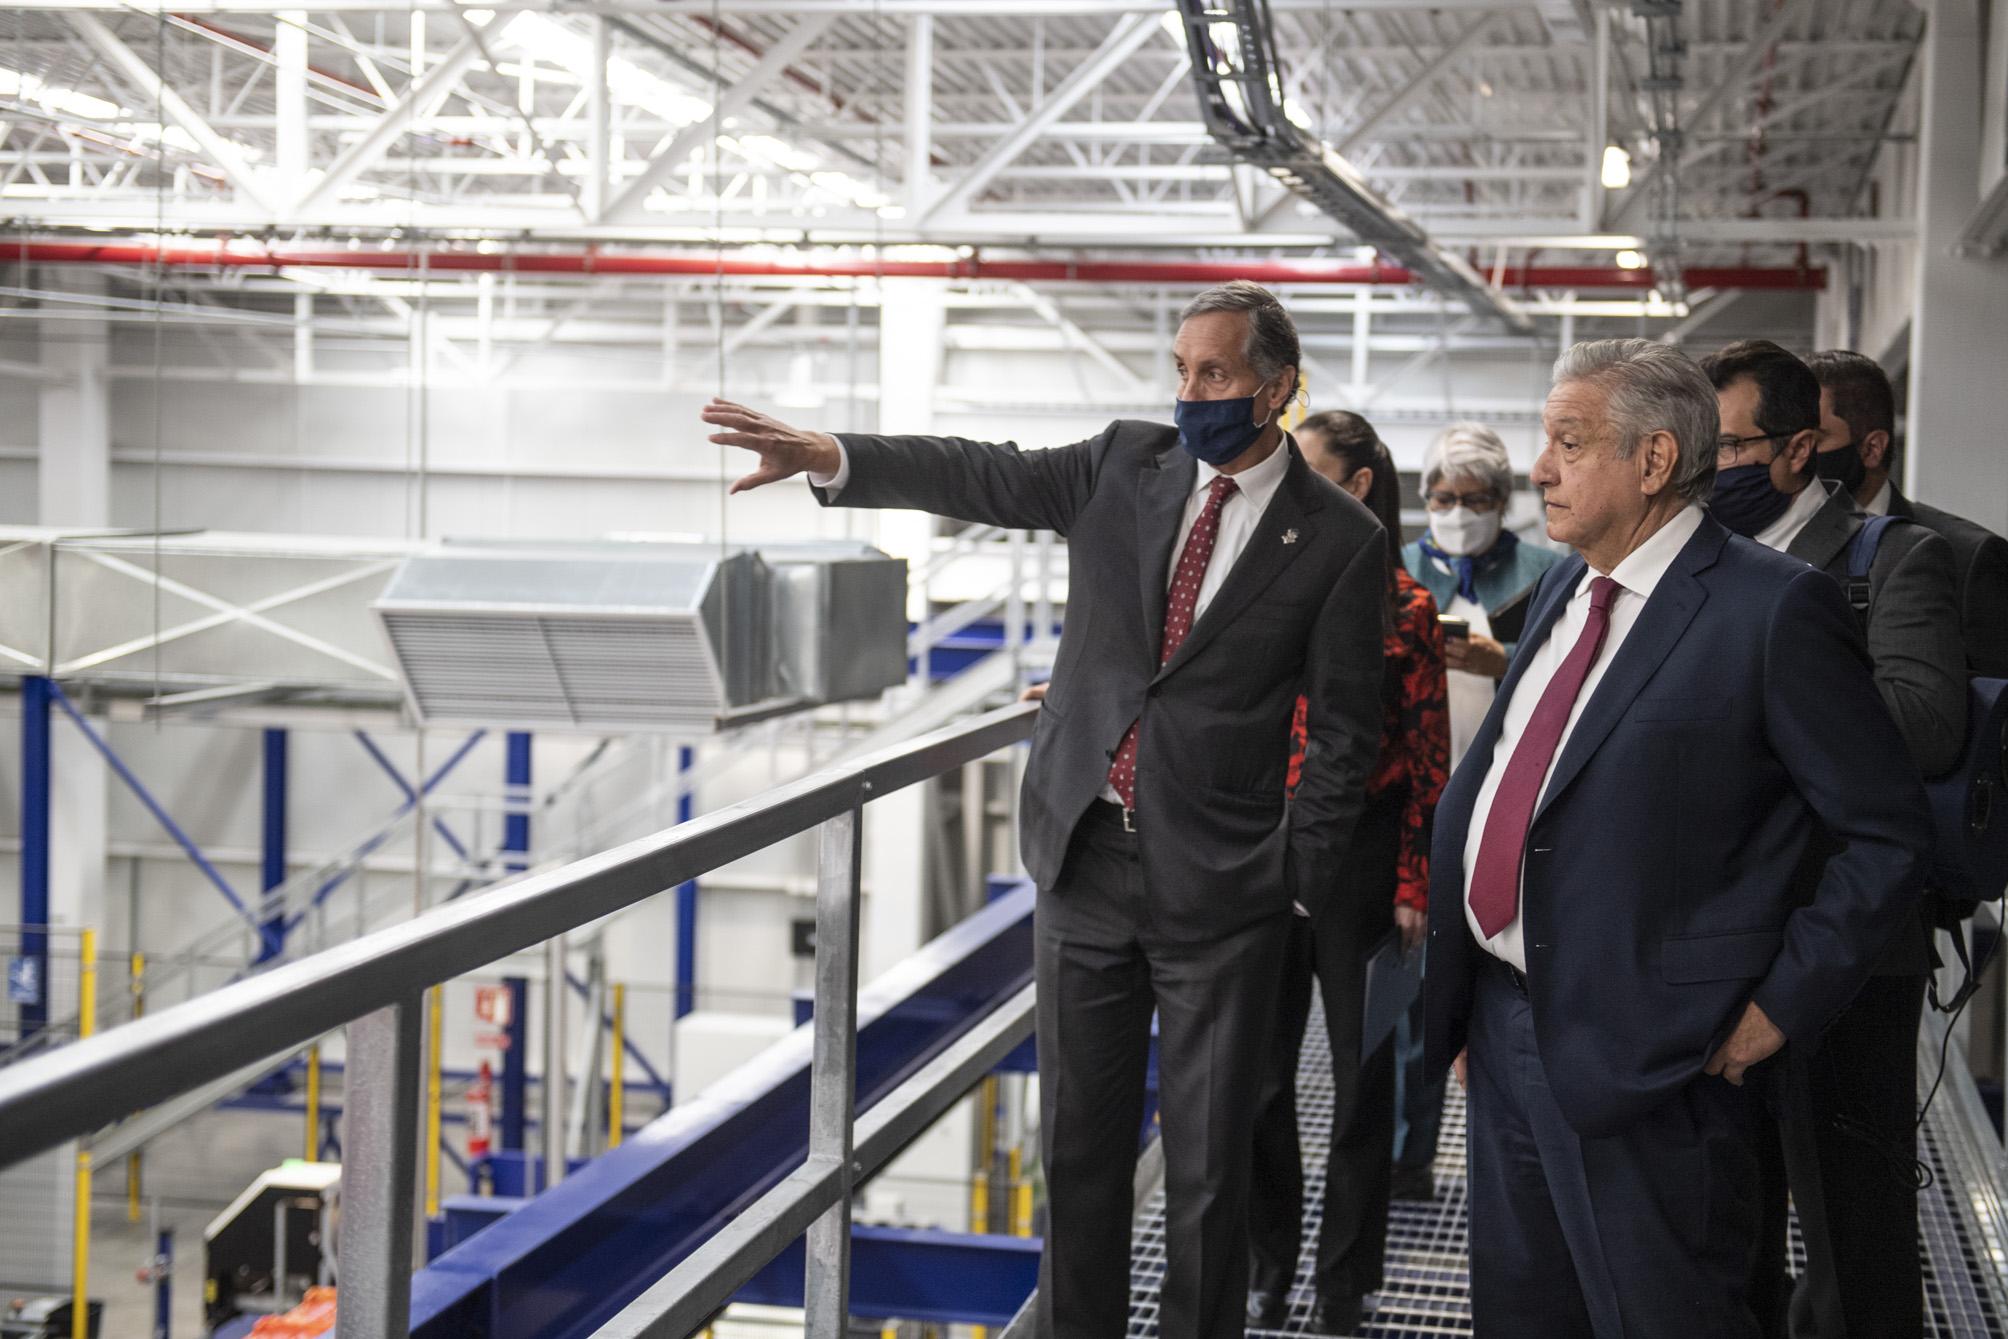 Bimbo invierte 2,720 mdp en centro de distribución en Azcapotzalco